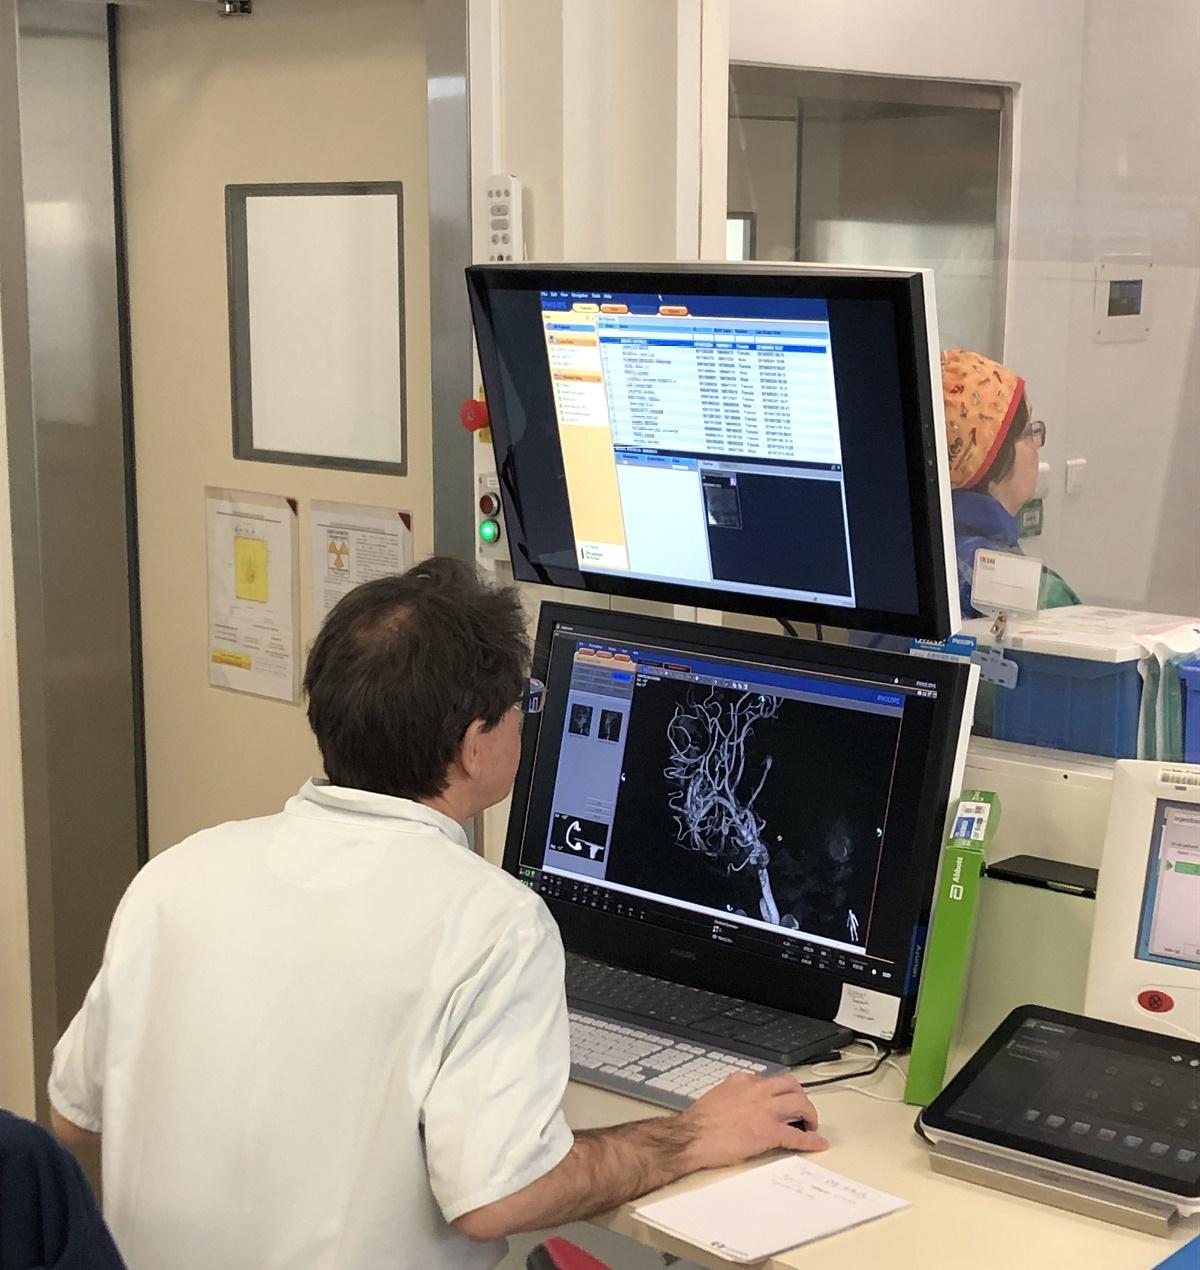 Le Pr Selle examine une imagerie 3D des vaisseaux cérébraux. Photo: Raphaël Moreaux/APMnews